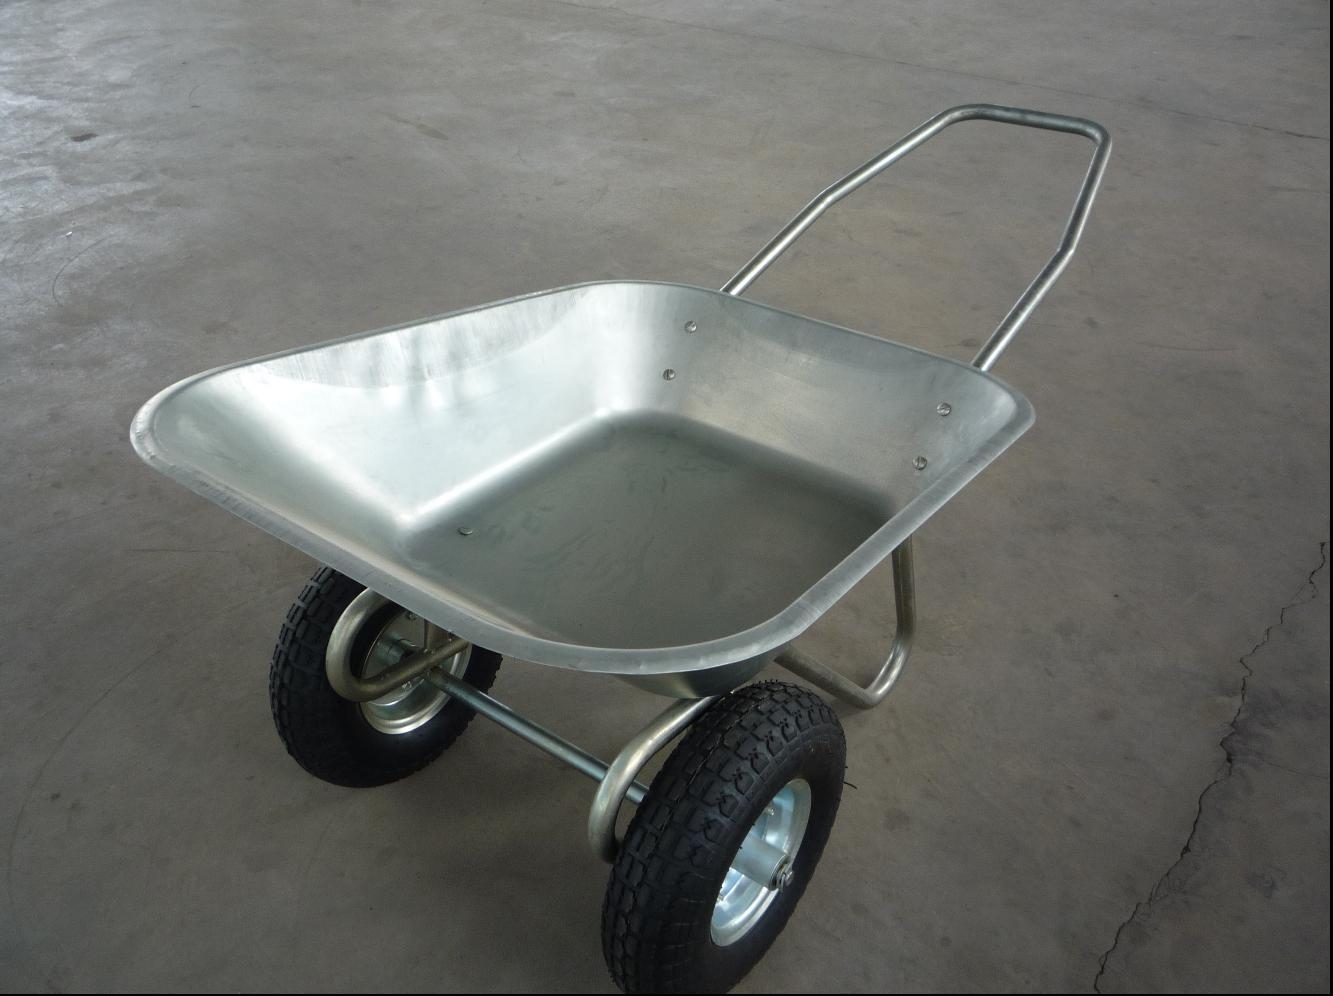 Carretilla carretilla de rueda wb6211 carretillas - Precios de carretillas ...